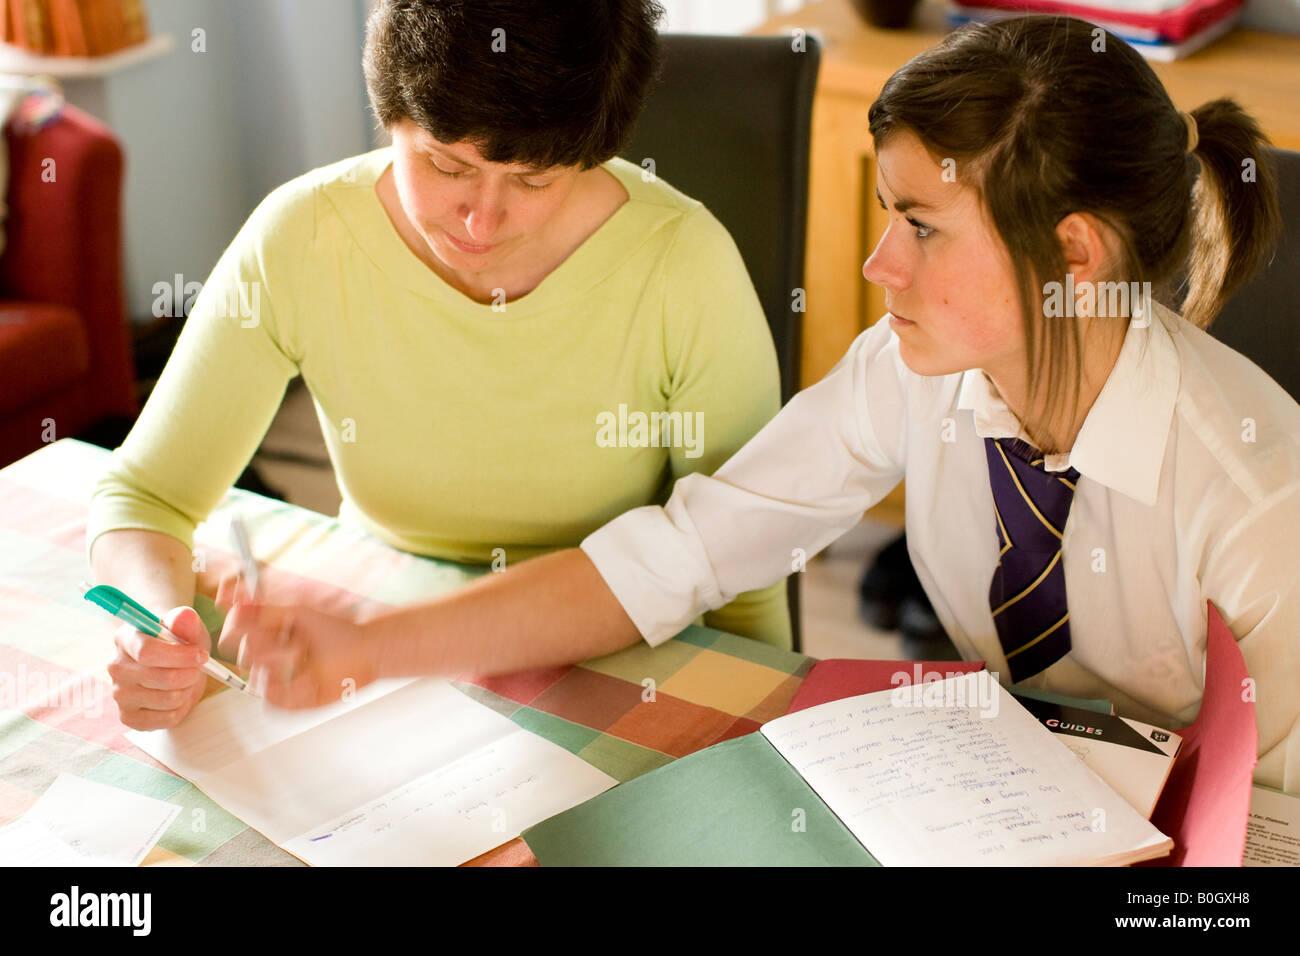 Aiutando padre figlia ragazza con i compiti di scuola e corsi Immagini Stock